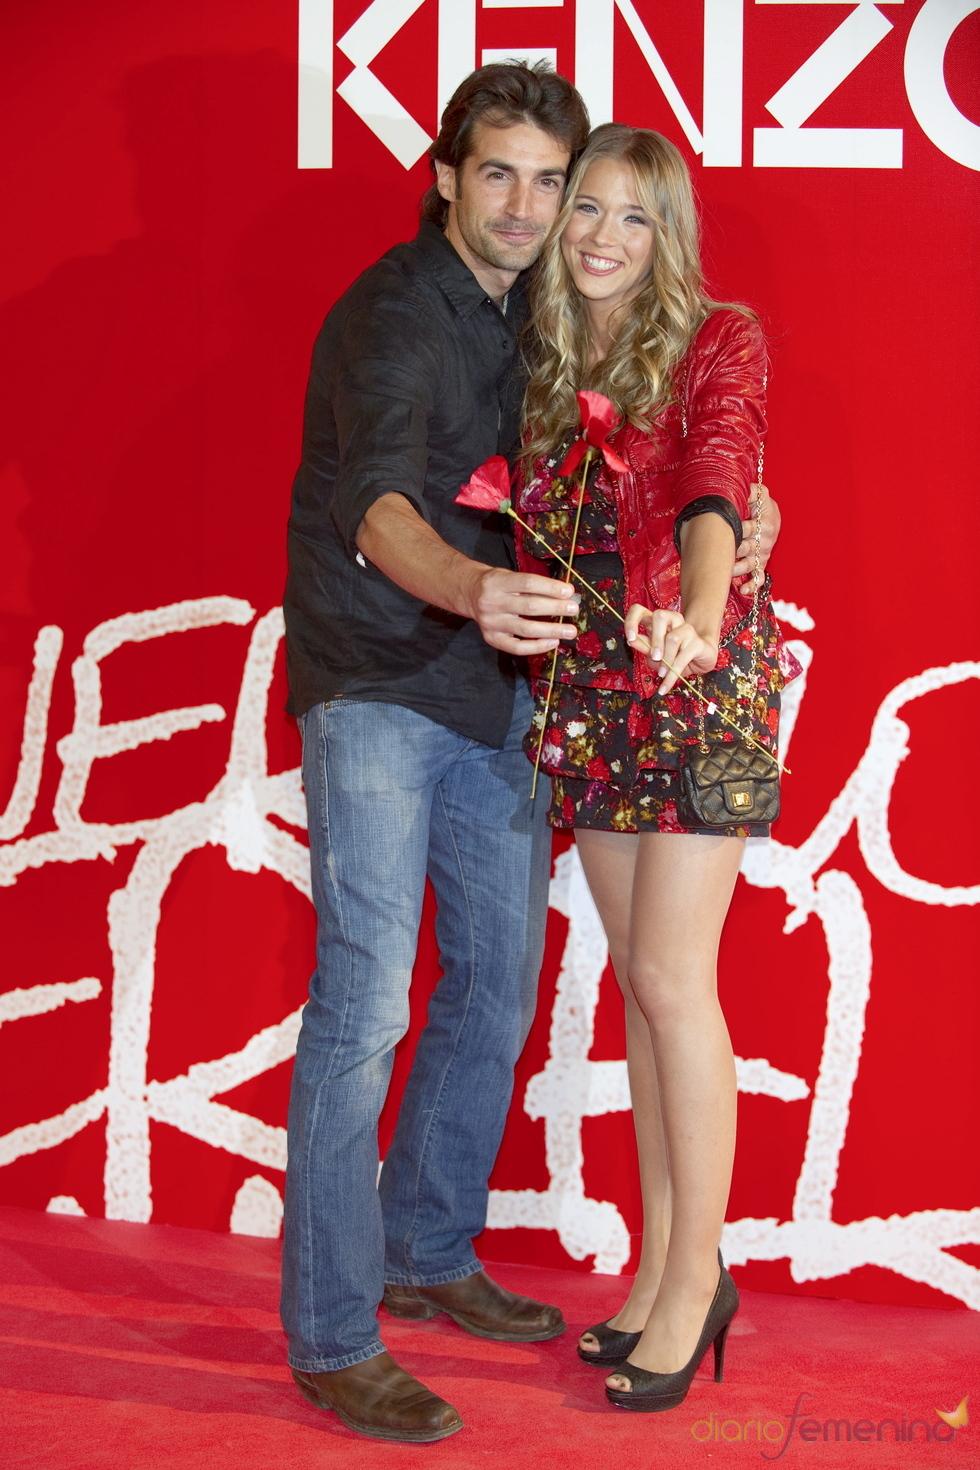 Alex Adrover y Patricia Montero en la fiesta de verano Kenzo 2011